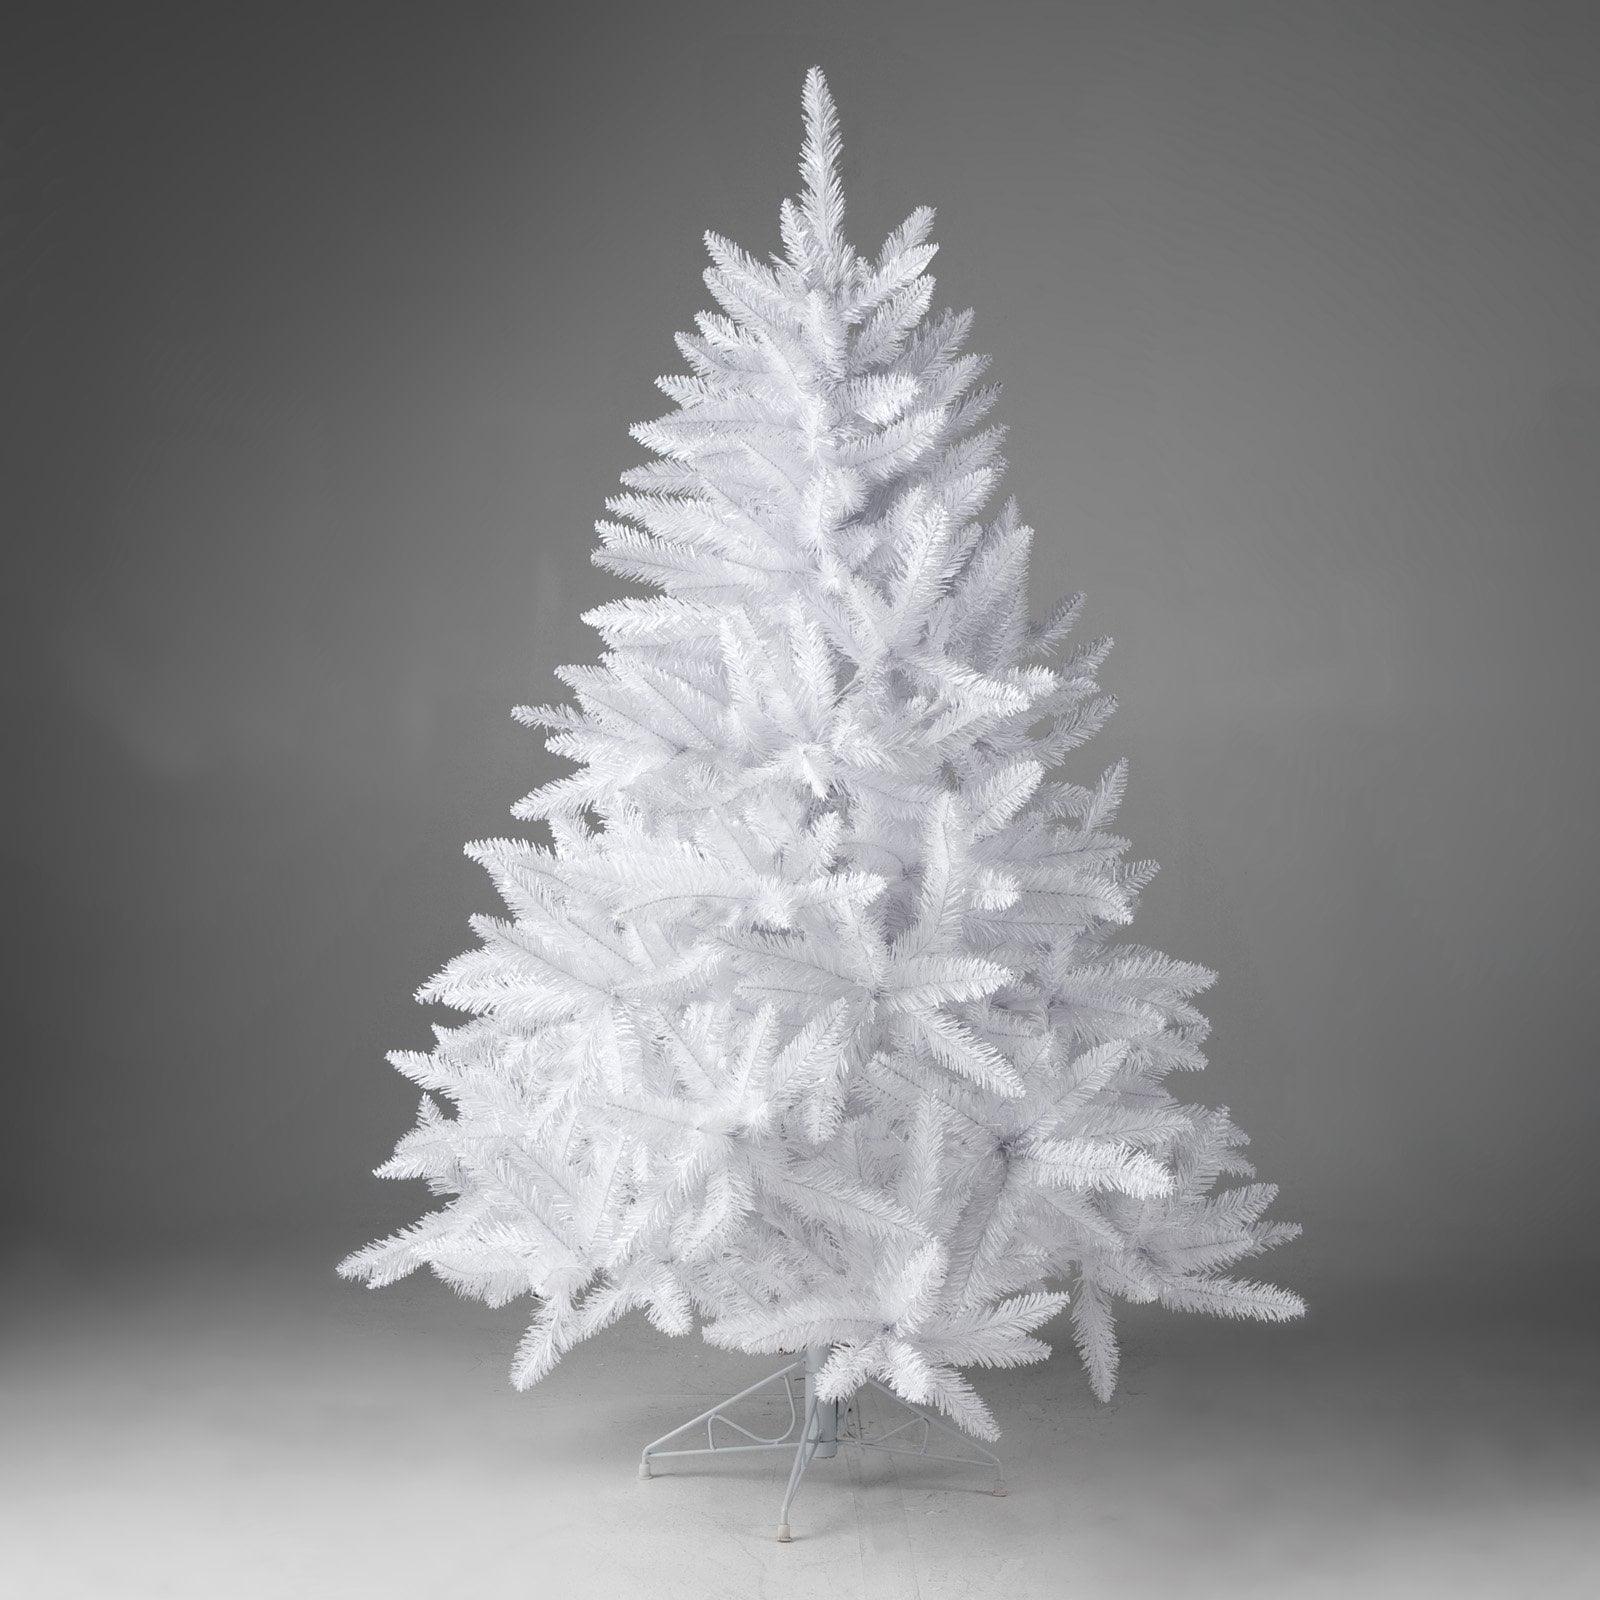 Winter Park Tabletop Medium Unlit Christmas Tree - 4.5-Ft - Walmart.com